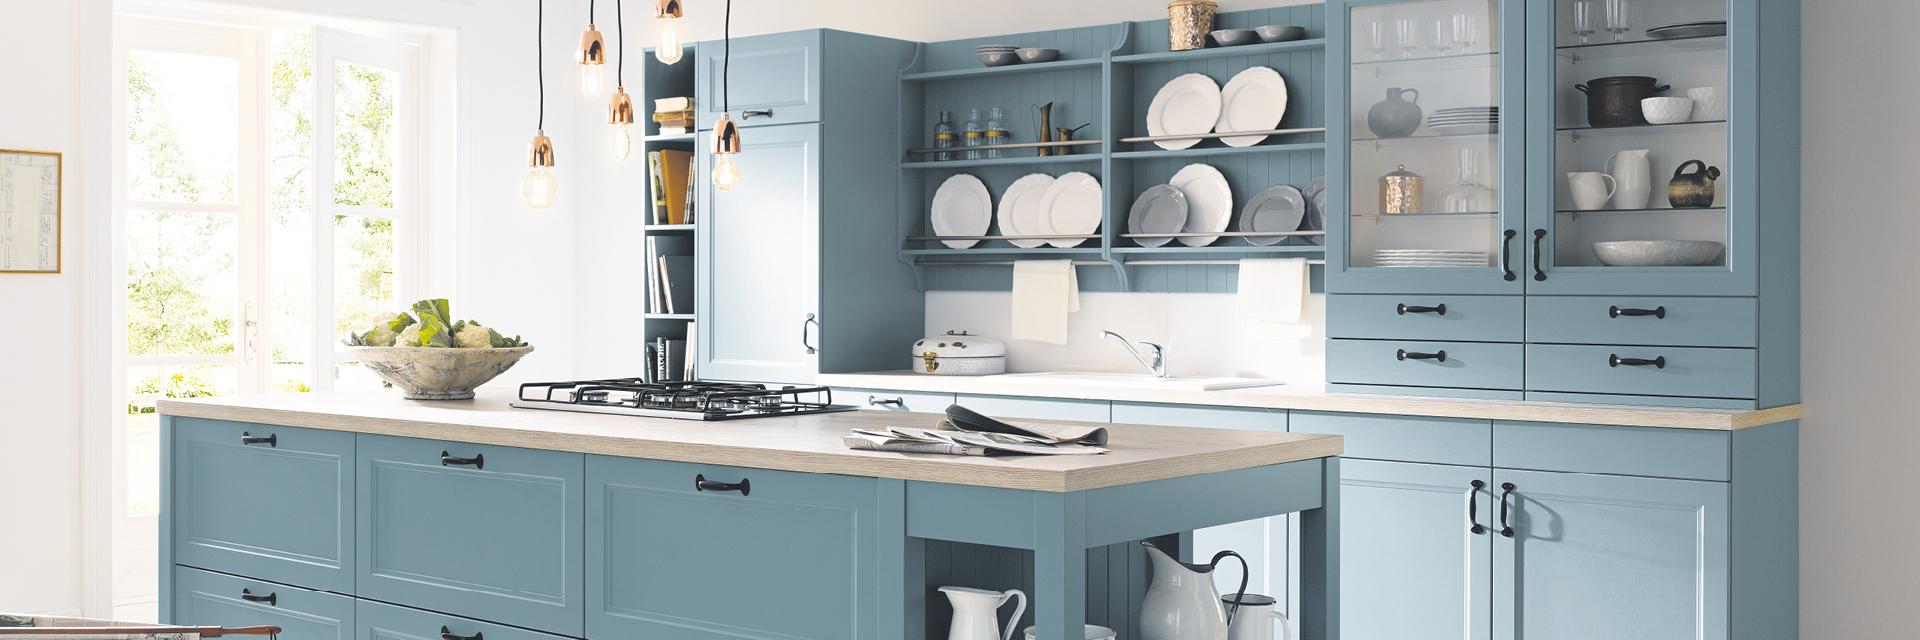 Küche mit Gasherd, Kochen mit Gas, Contur Küche